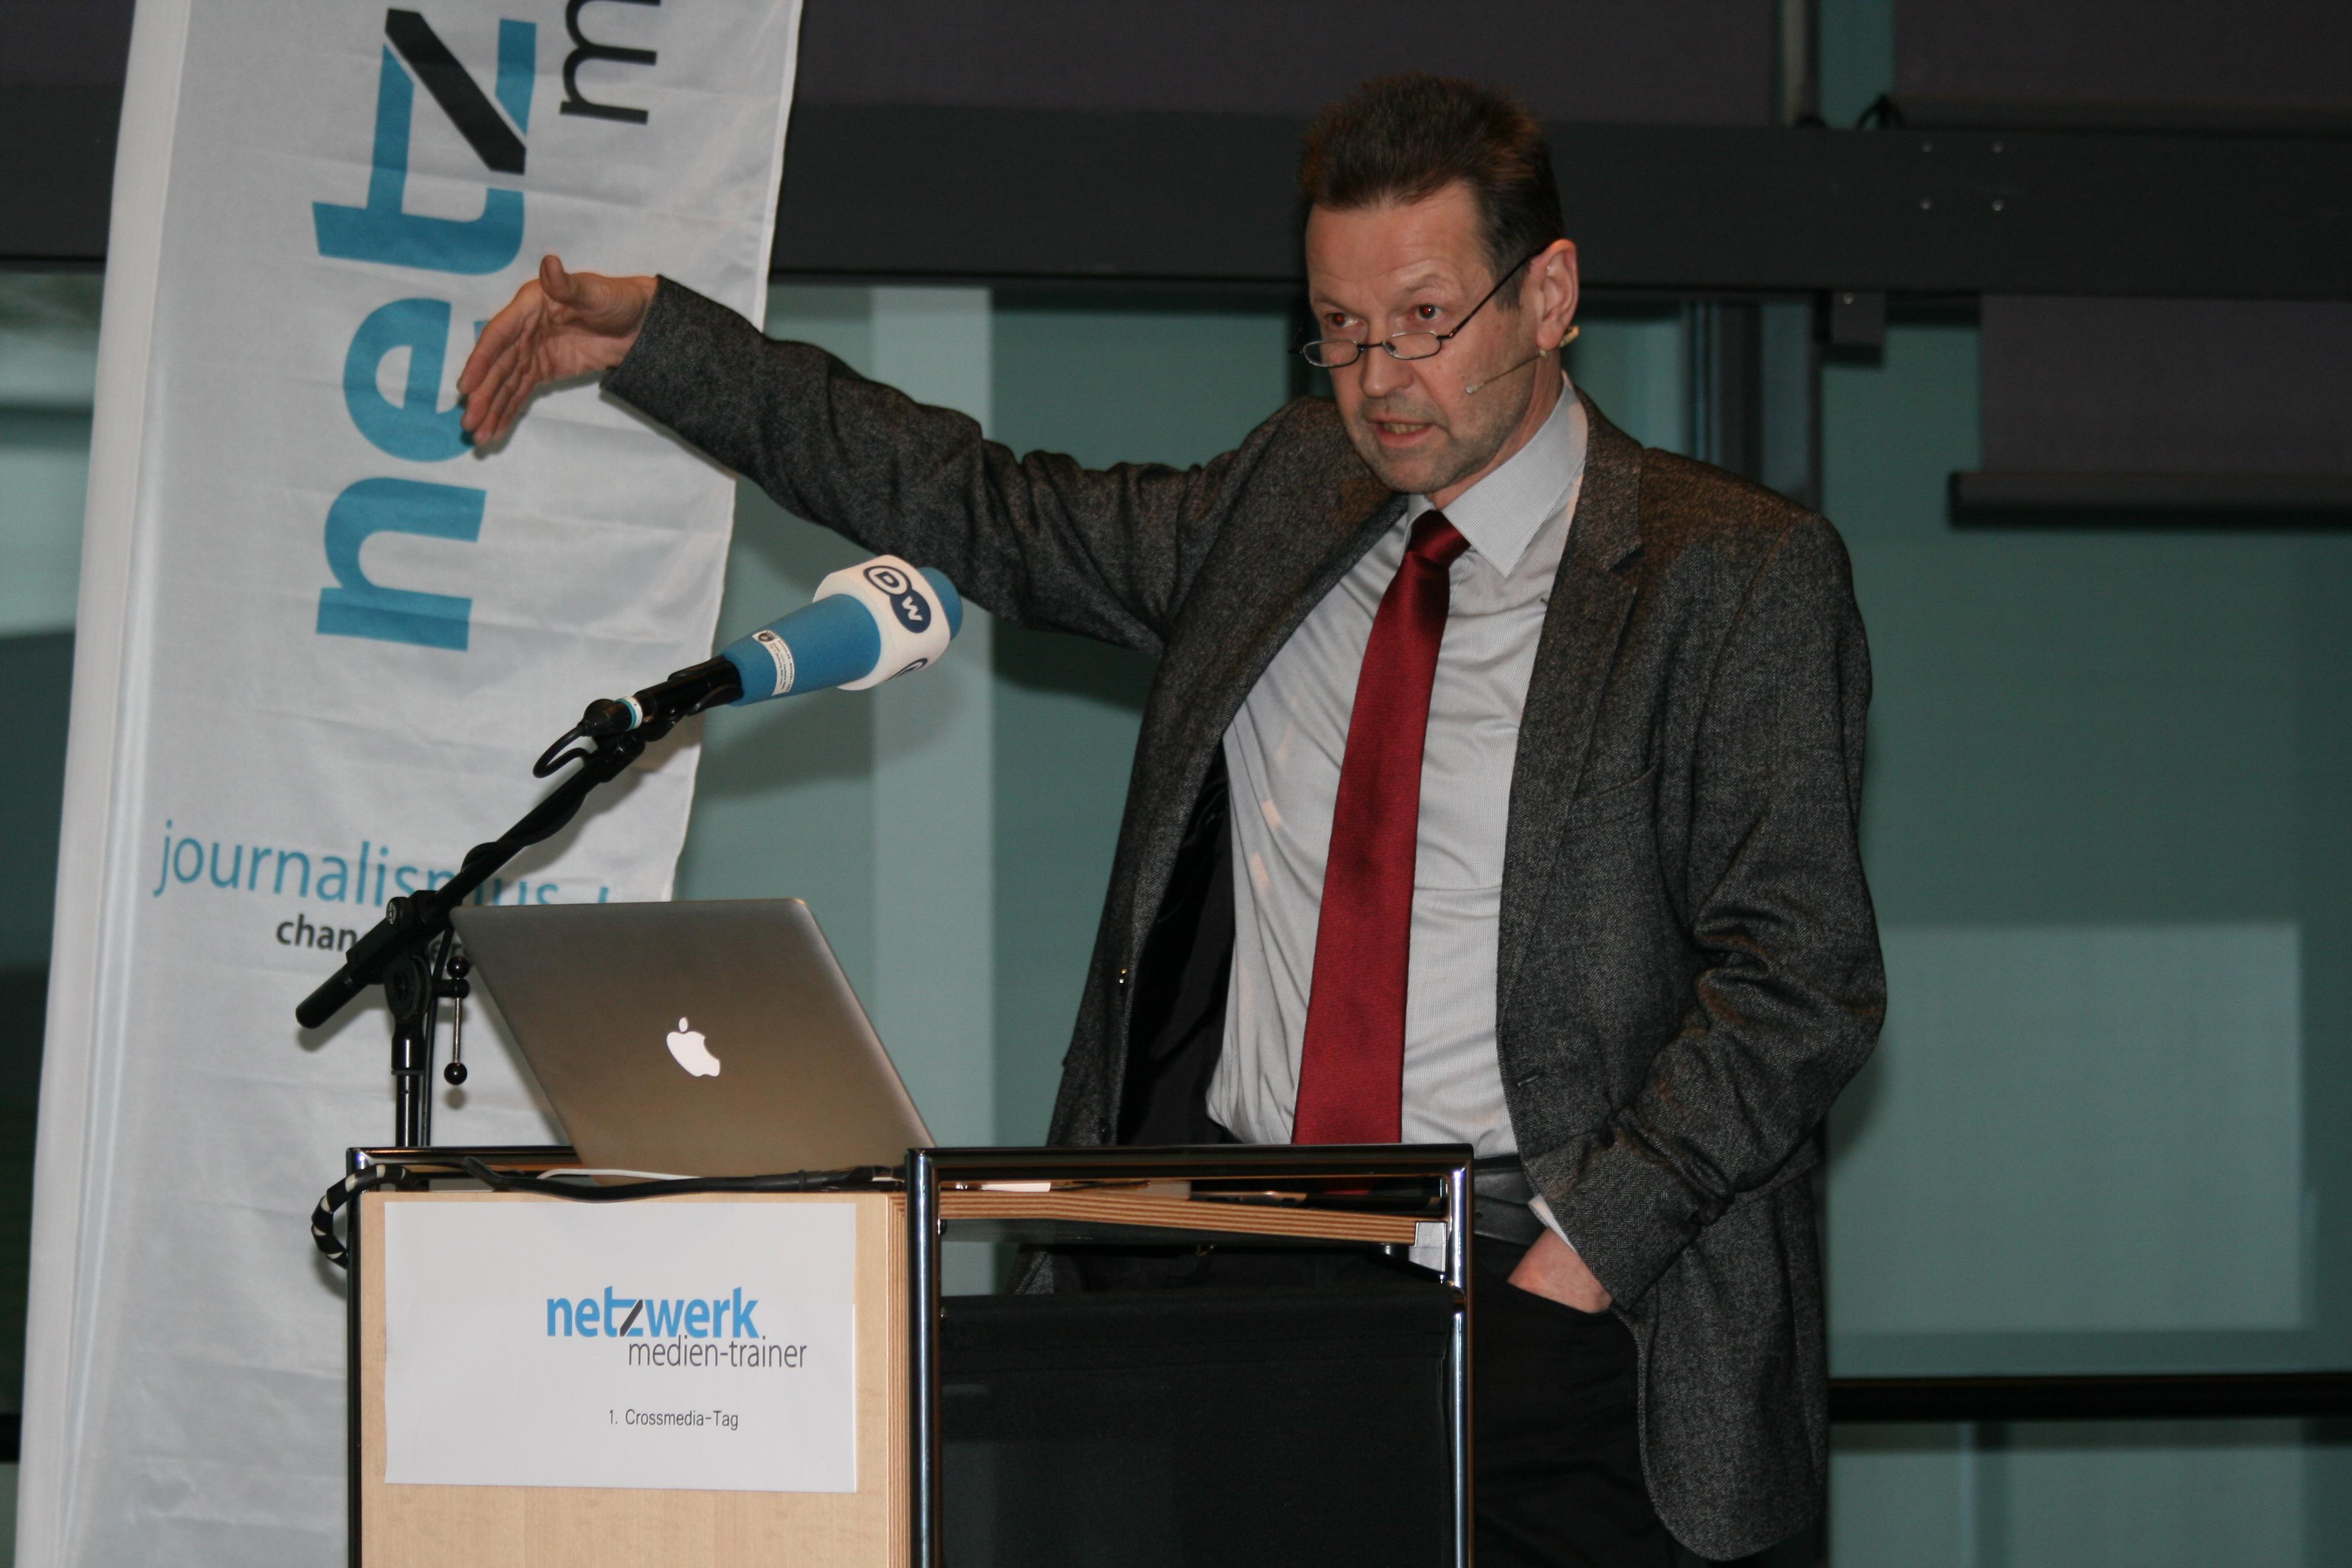 Martin Wagner auf dem Crossmedia-Tag des netzwerk medien-trainer